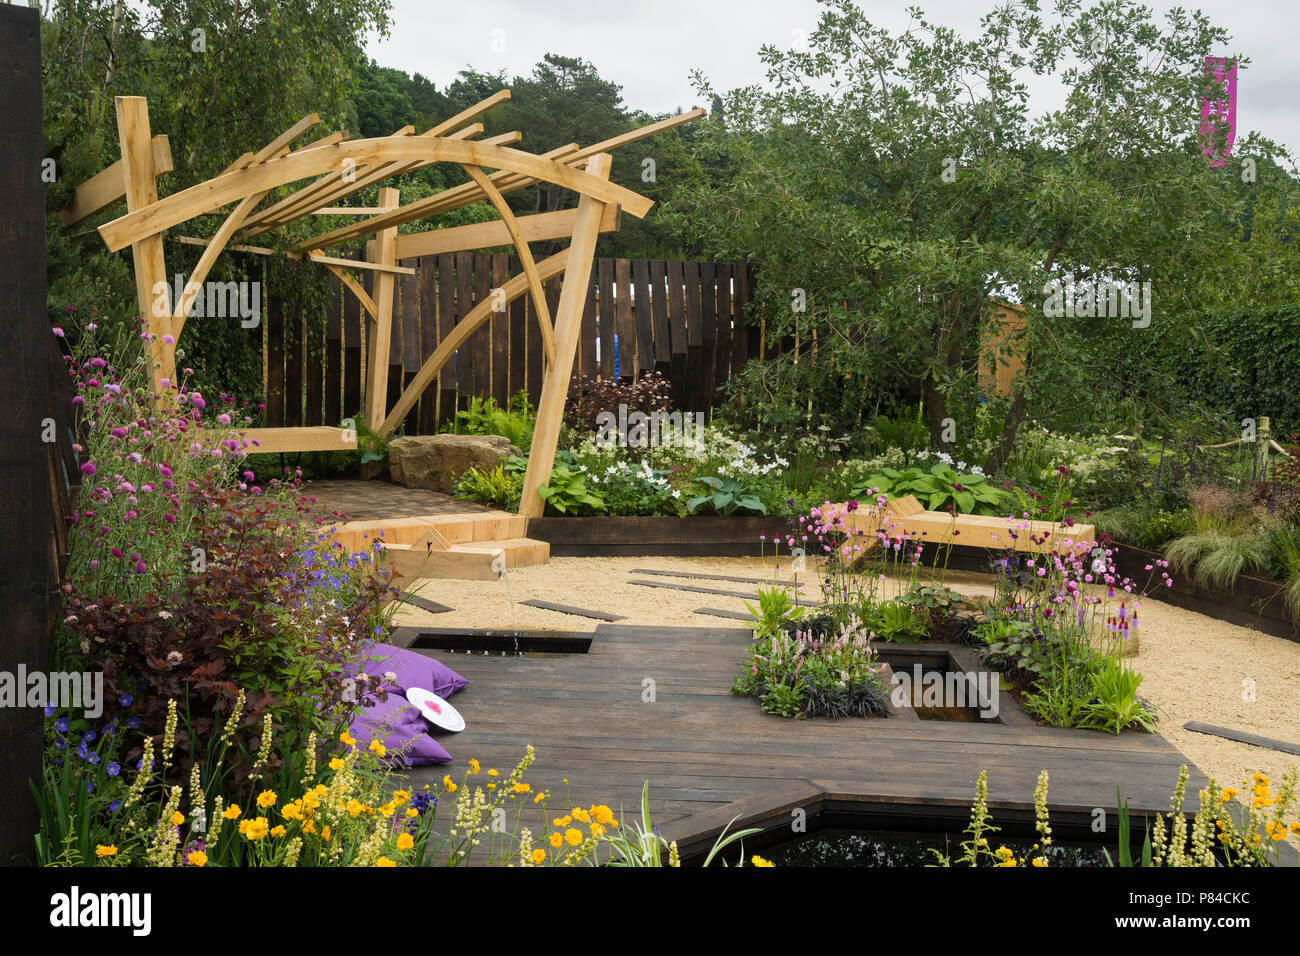 Des Fleurs Colorées De Bois Pergola Et Banc étang Dans Beau Jardin